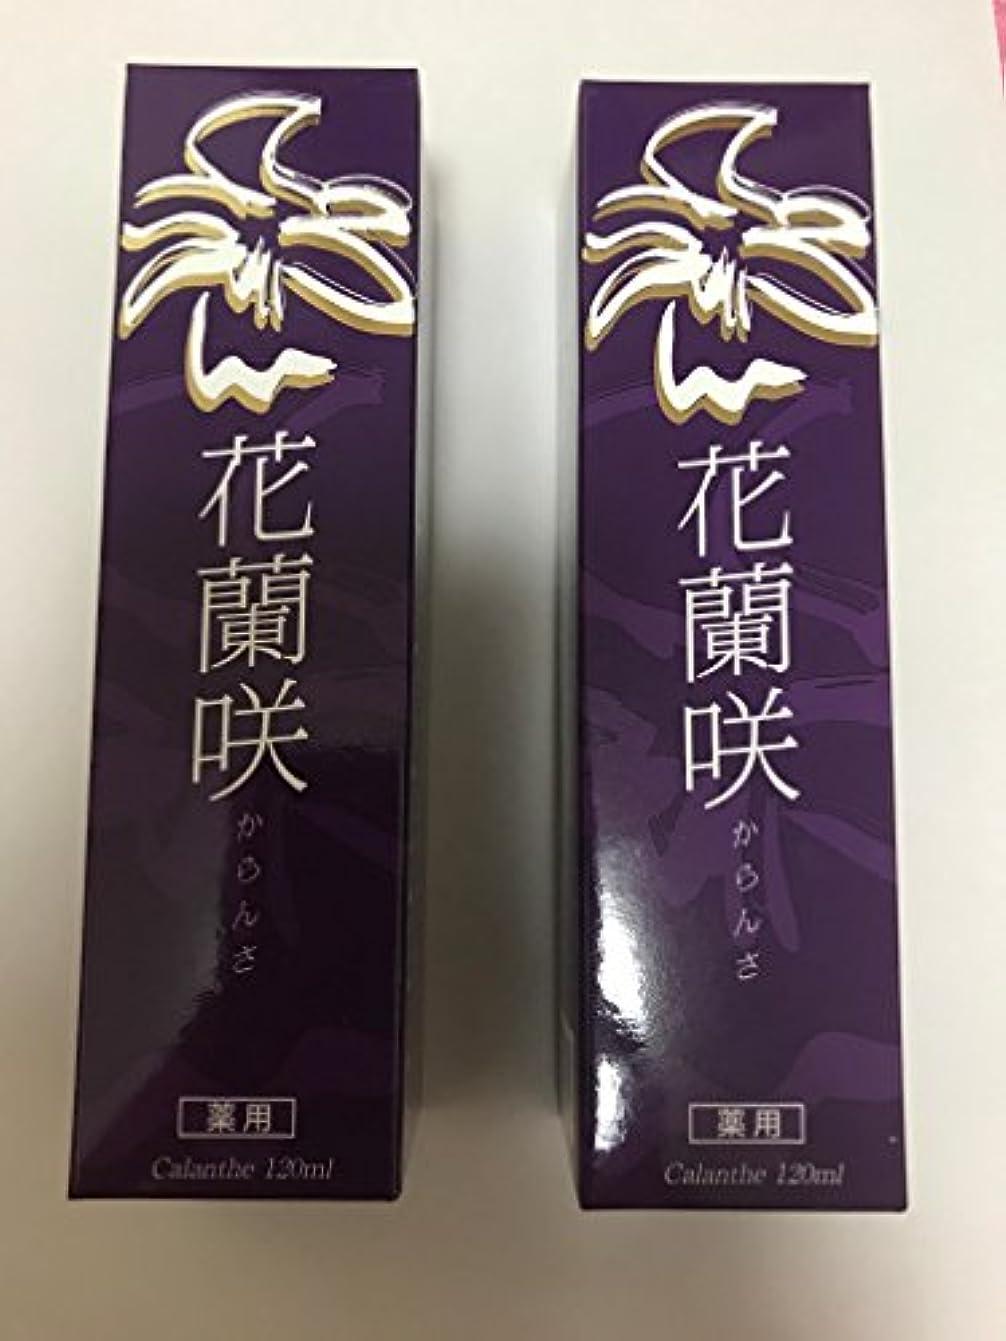 せっかちかもしれない差別化する【2本セット】花蘭咲 120ml マイケア 医薬部外品